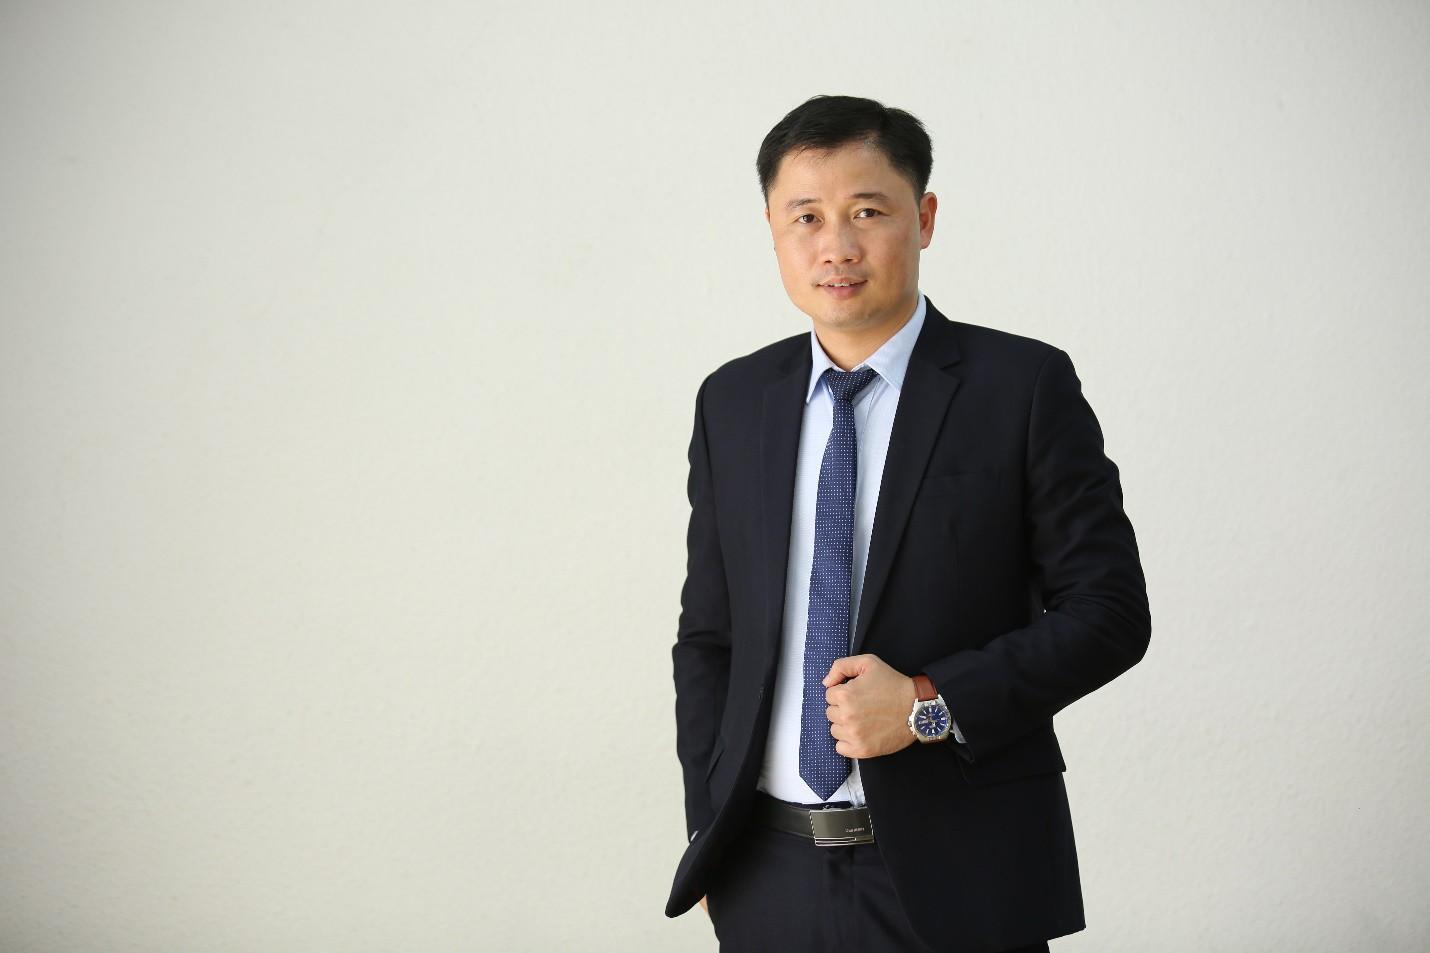 Đừng khởi nghiệp bằng mắt - Bài học rút ra sau 5 lần thất bại của thầy Nguyễn Mai Lâm - Ảnh 1.